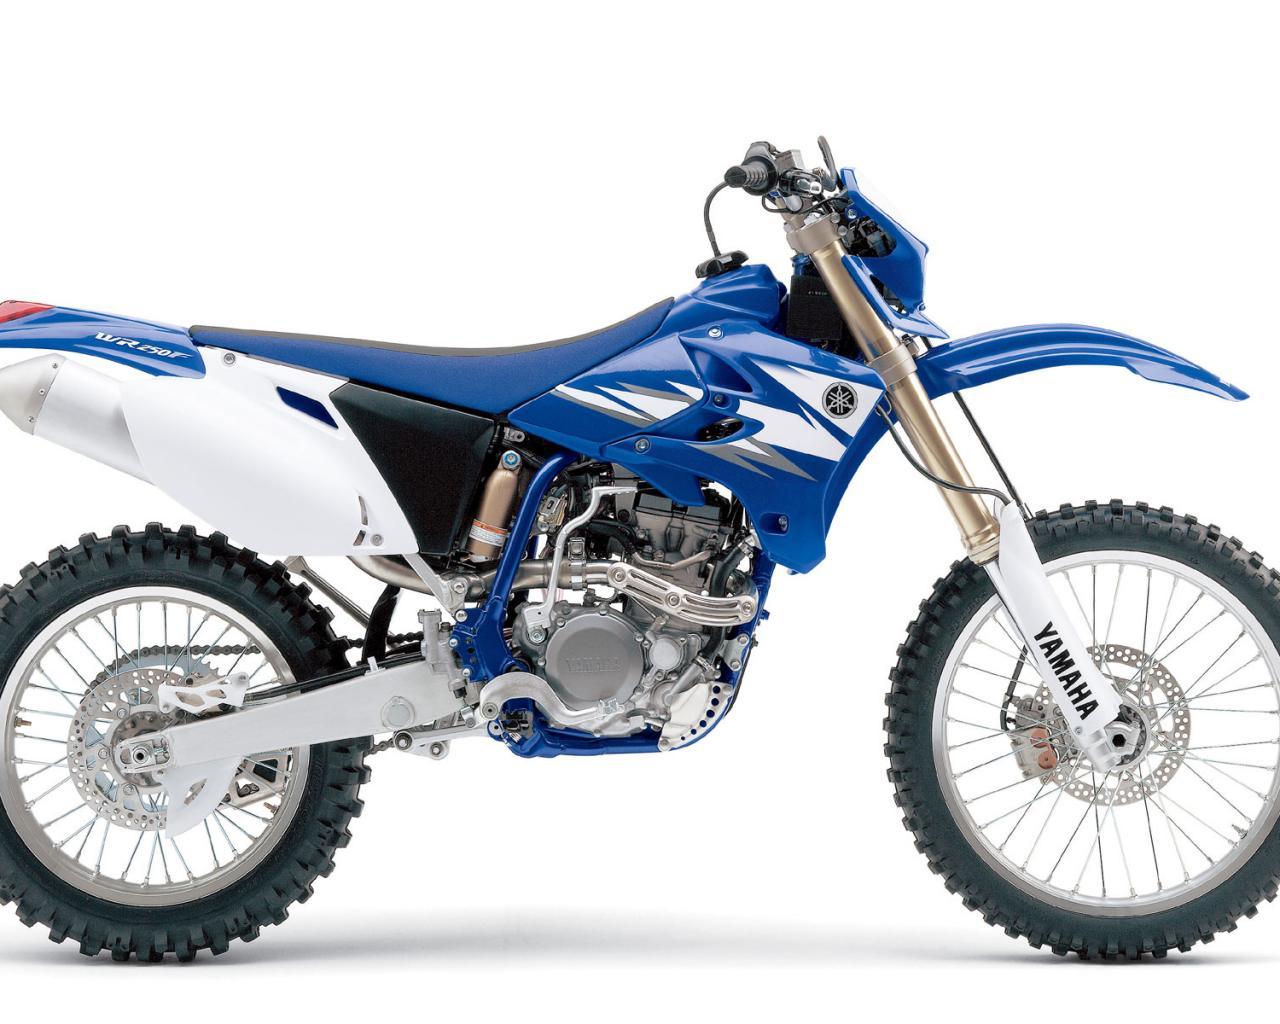 Review: 2016 Yamaha WR450F - MotoOnline.com.au